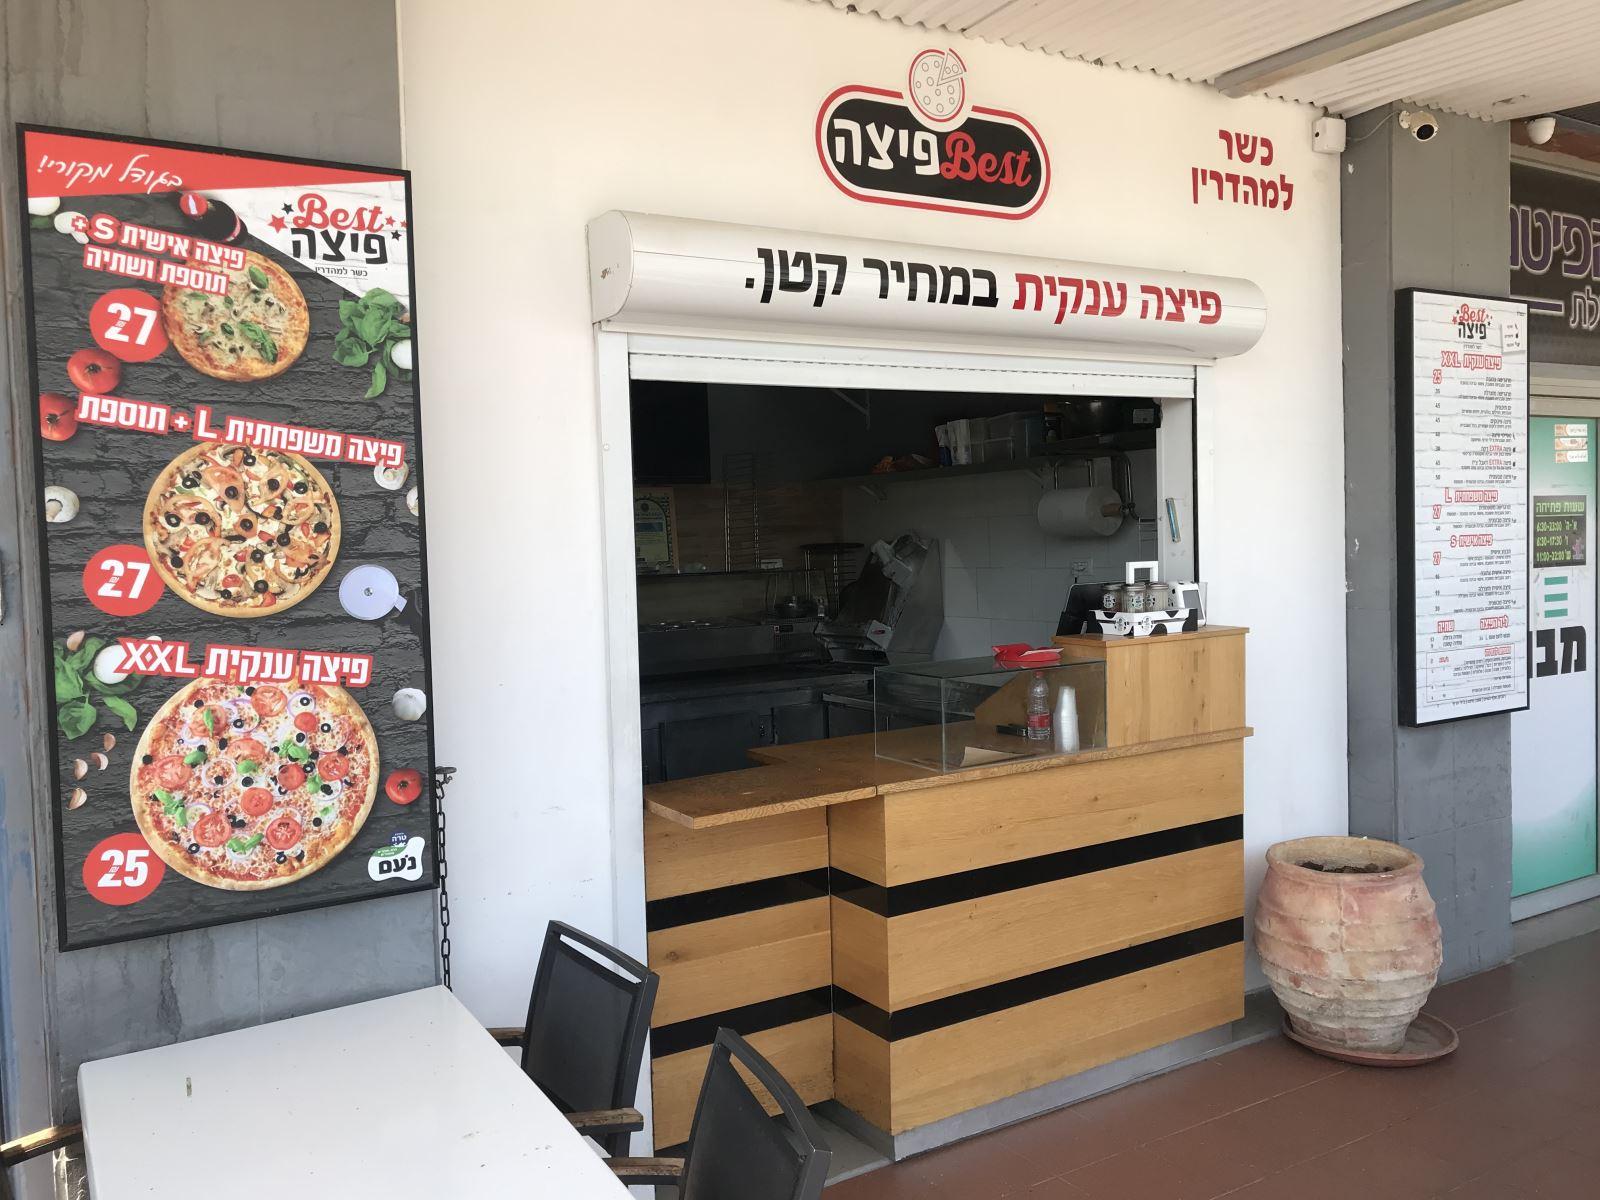 הג'חנון של חני ובסט פיצה